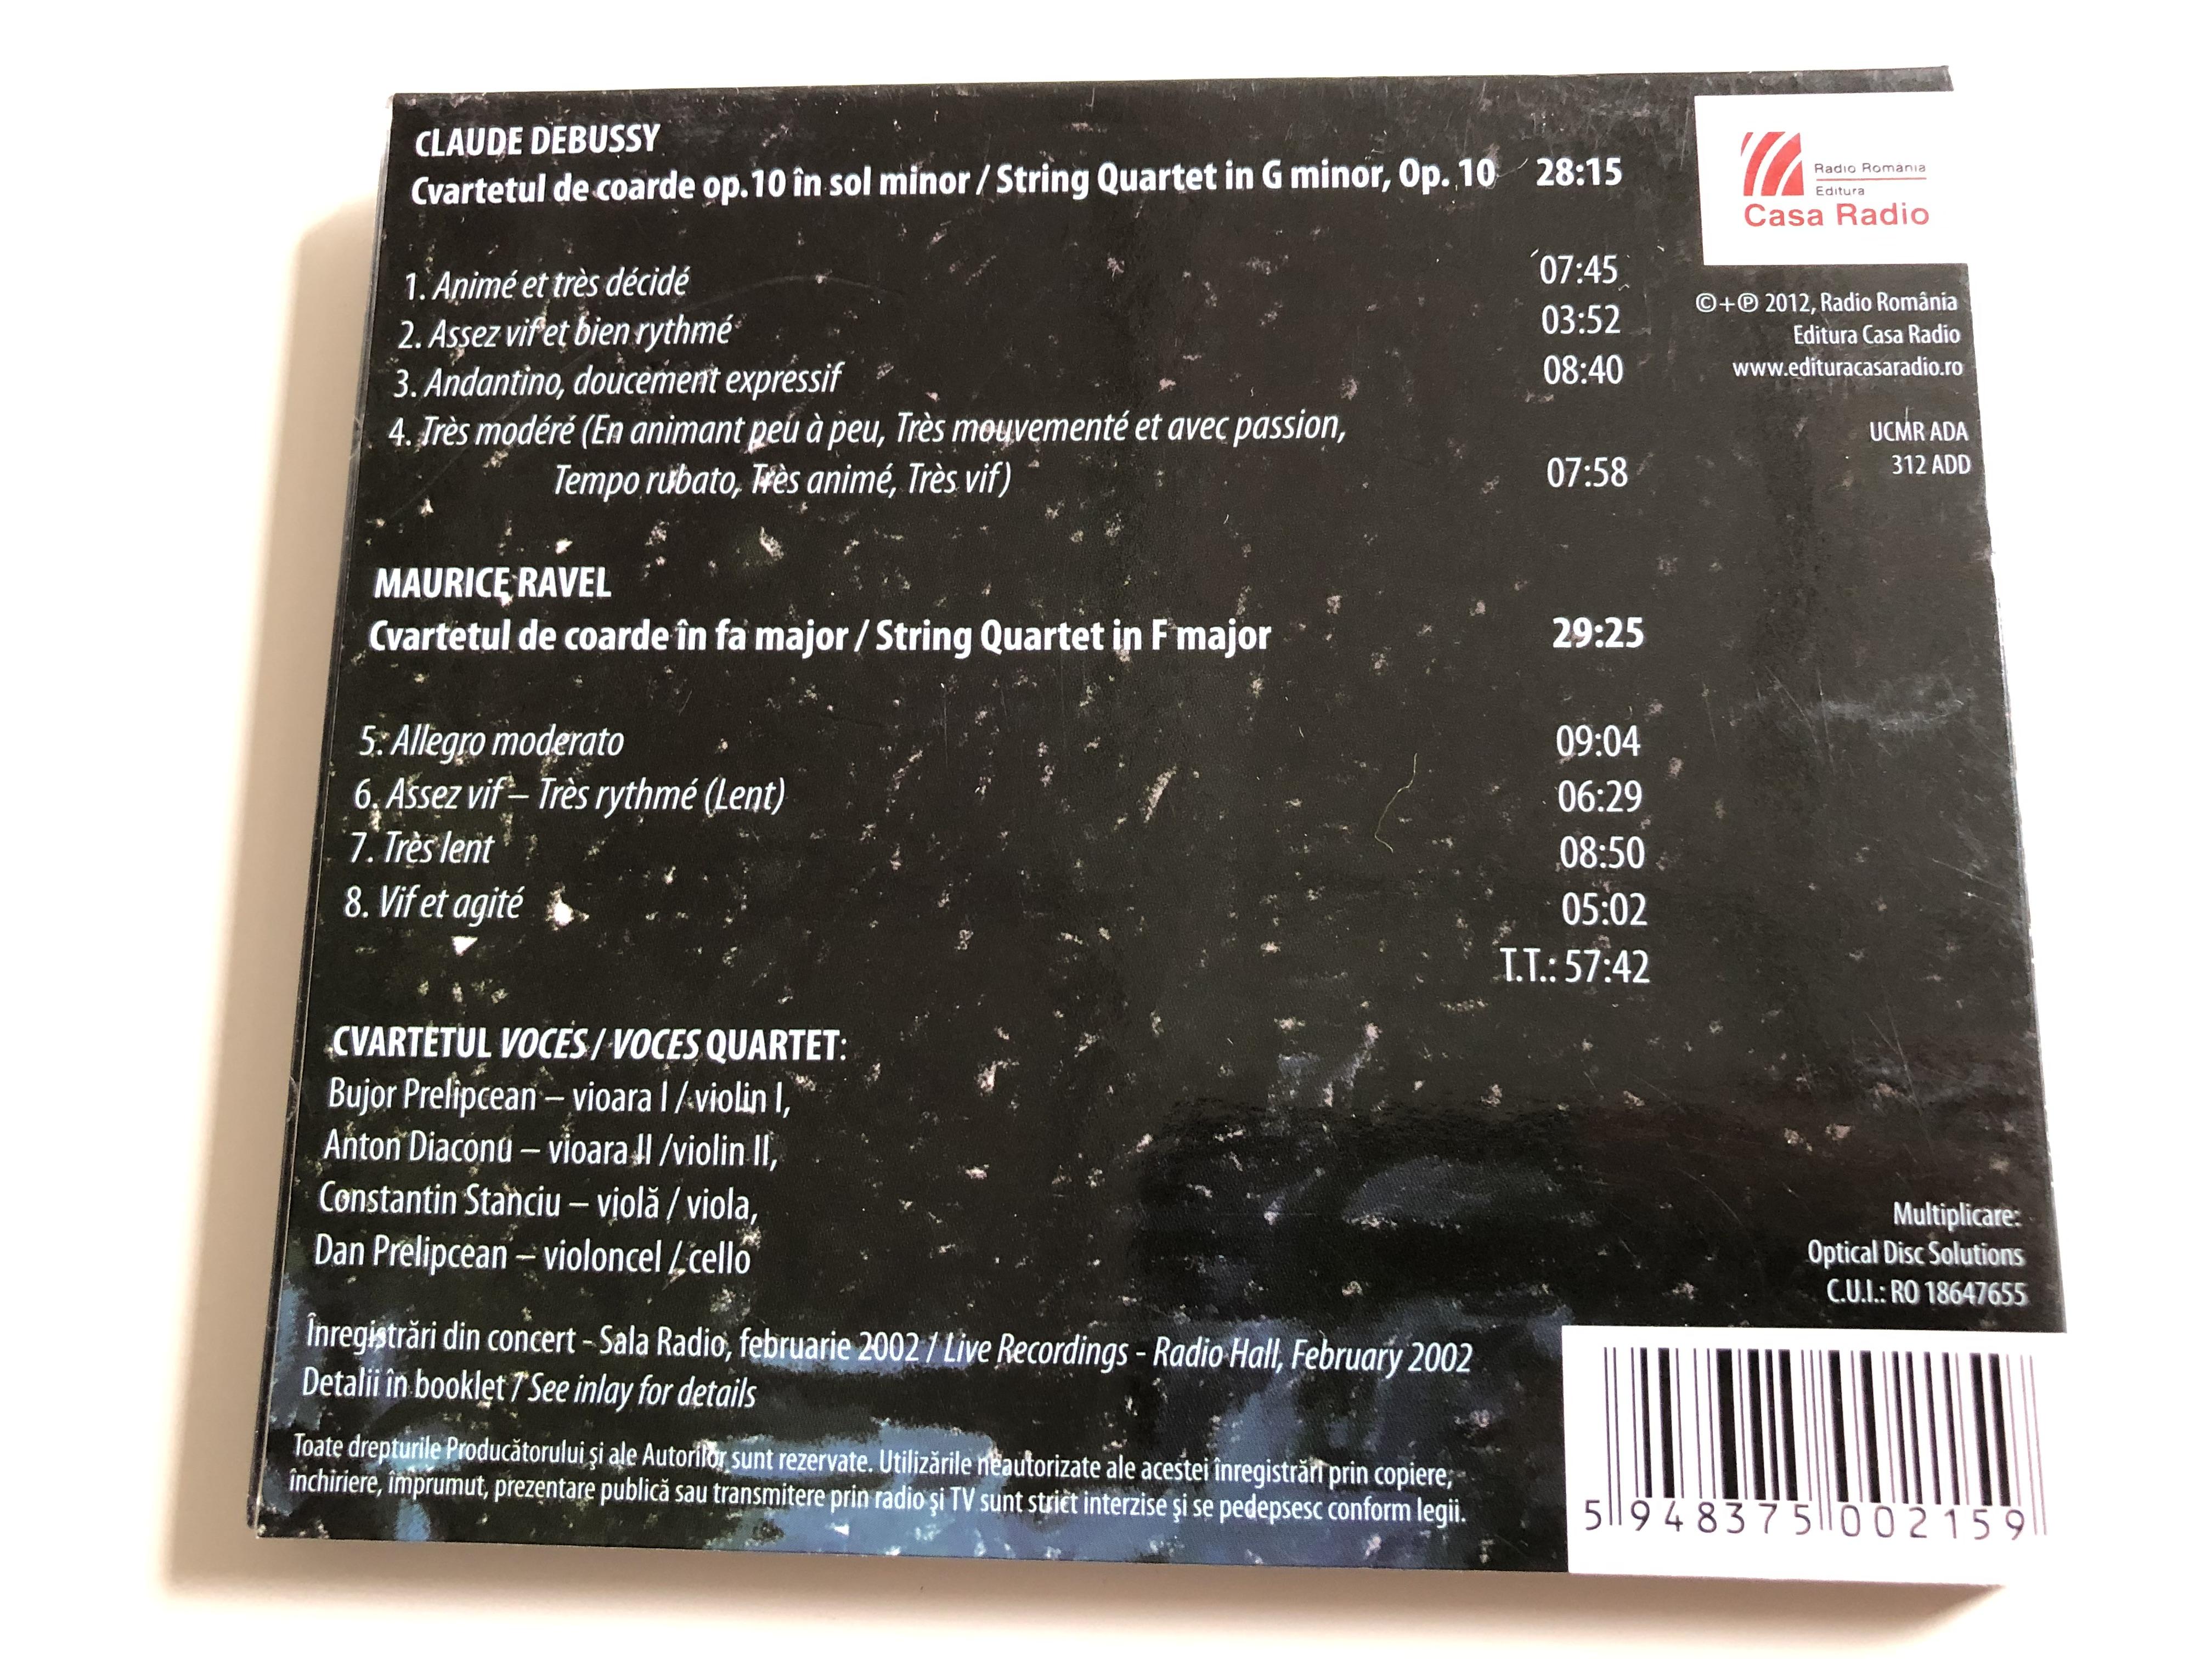 cvartetul-voces-debussy-cvartetul-de-coarde-op.-10-in-sol-minor-ravel-cvartetul-de-coarde-in-fa-major-radio-romania-audio-cd-2012-9-.jpg